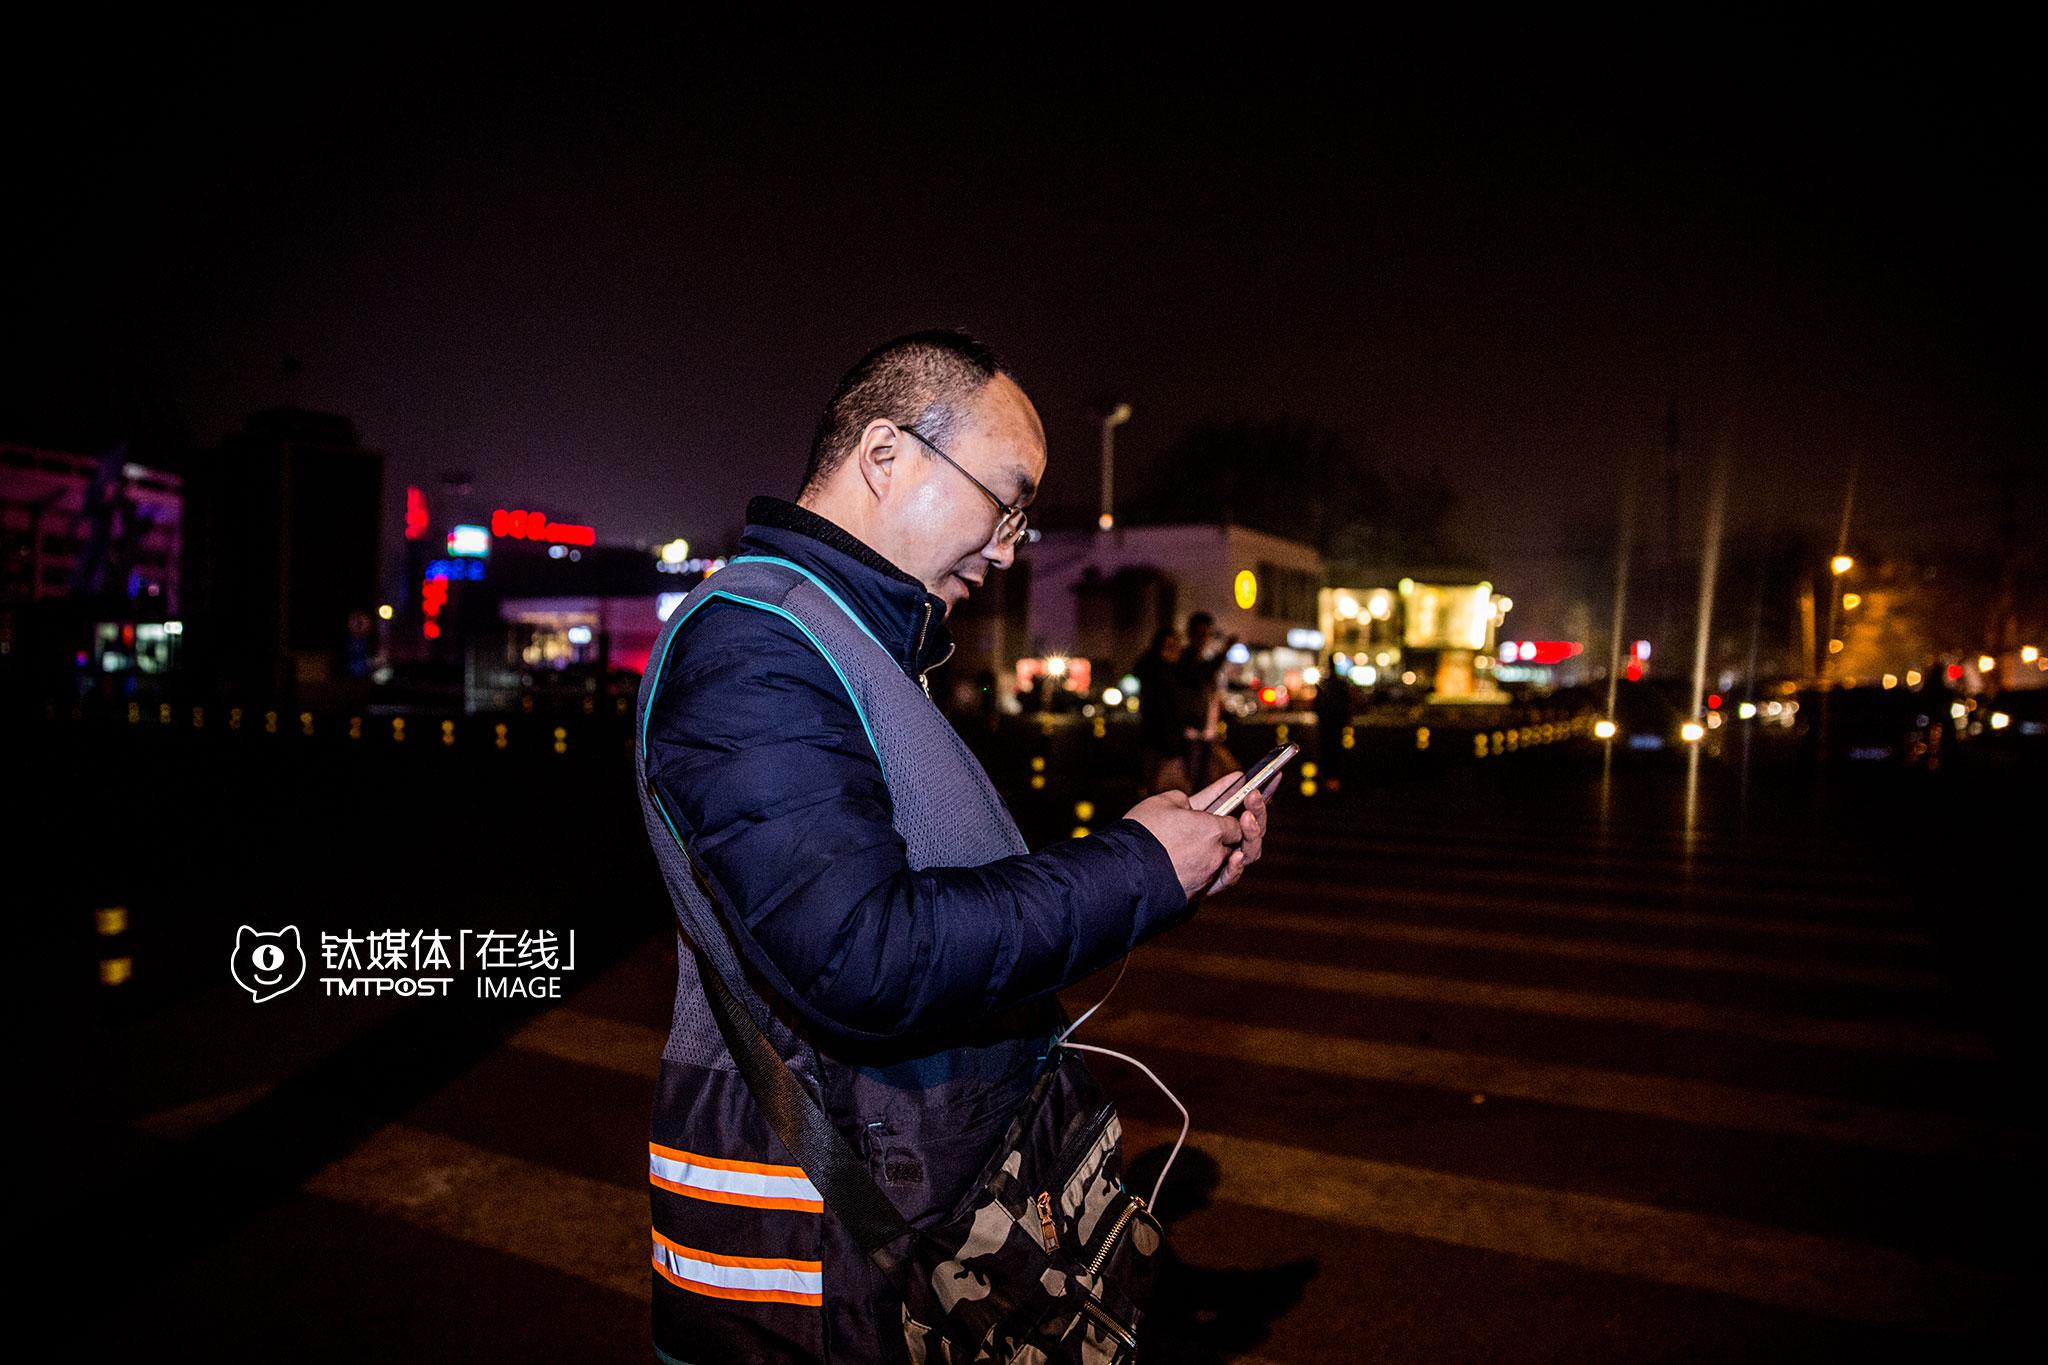 """3月15日晚上12点,北京,一名兼职代驾准备收工回家,于是在手机上查询夜班公交路线。他兼职做代驾2个月了,就为了挣点钱补贴生活费,""""12点了,要回去休息了,明天还要上班""""。"""